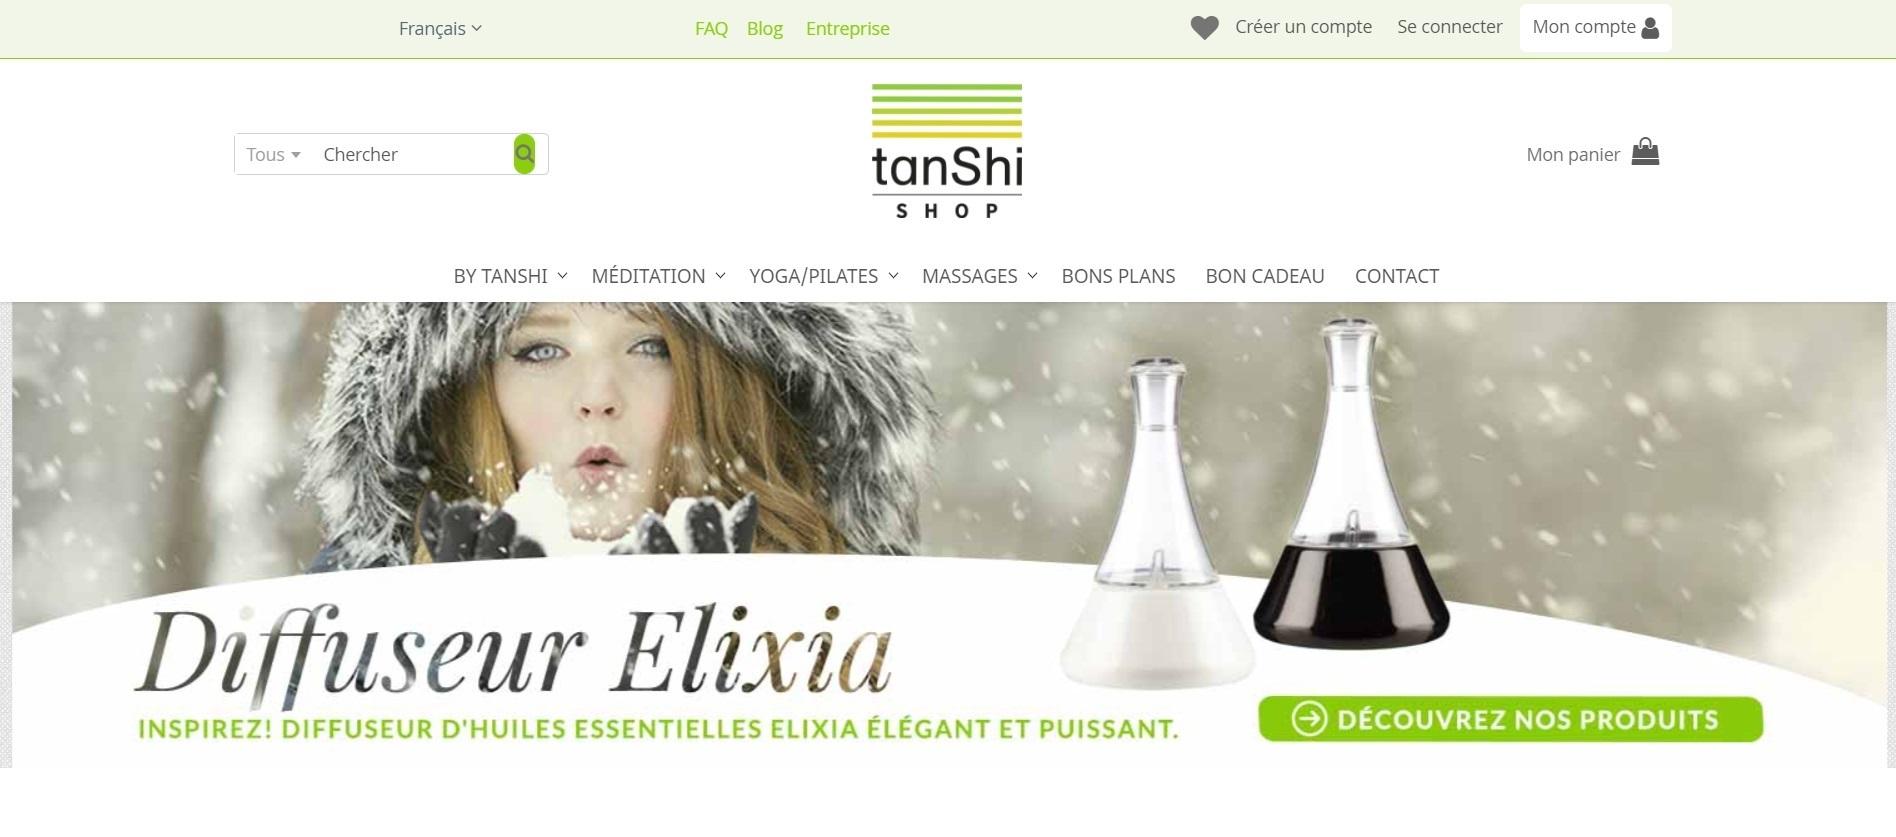 site Ecommerce Magento2 pour tanShi